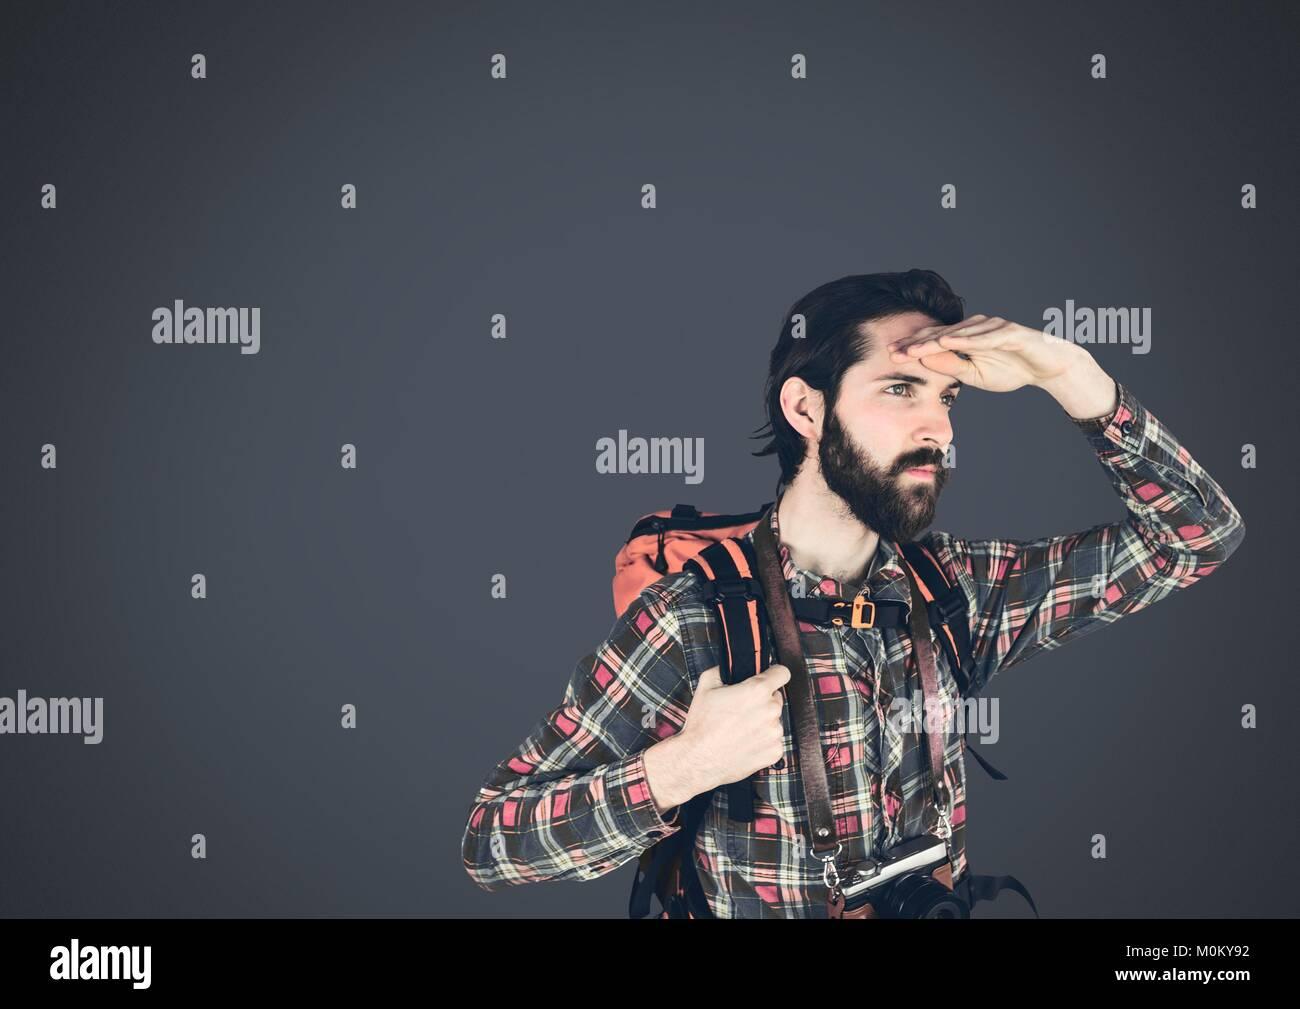 Traveler adventurer man with dark background - Stock Image